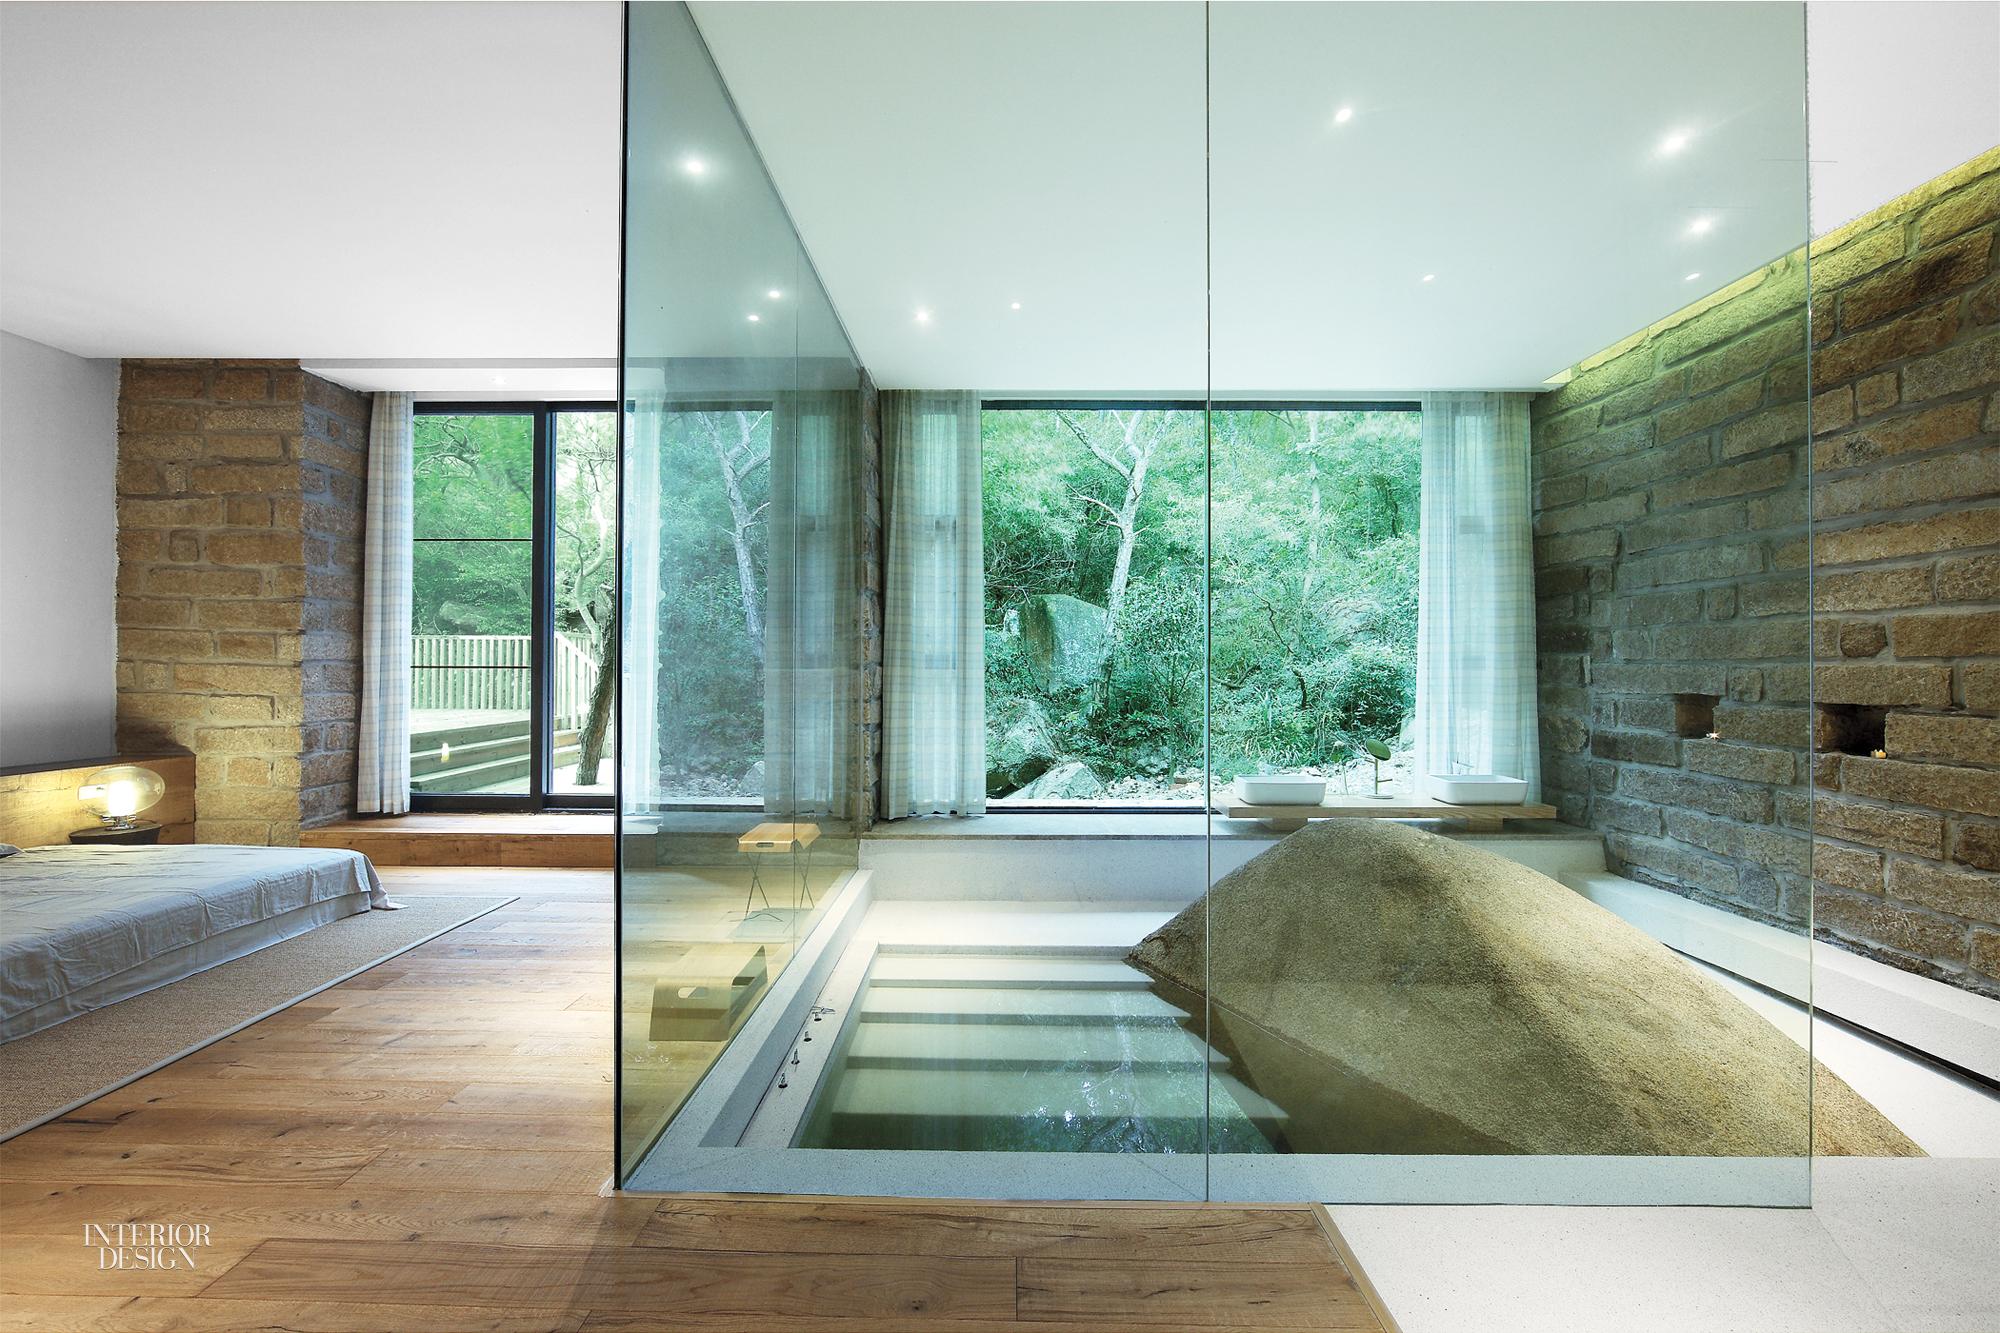 fm.x interior design co.: 2016 best of year winner for kitchen/bath